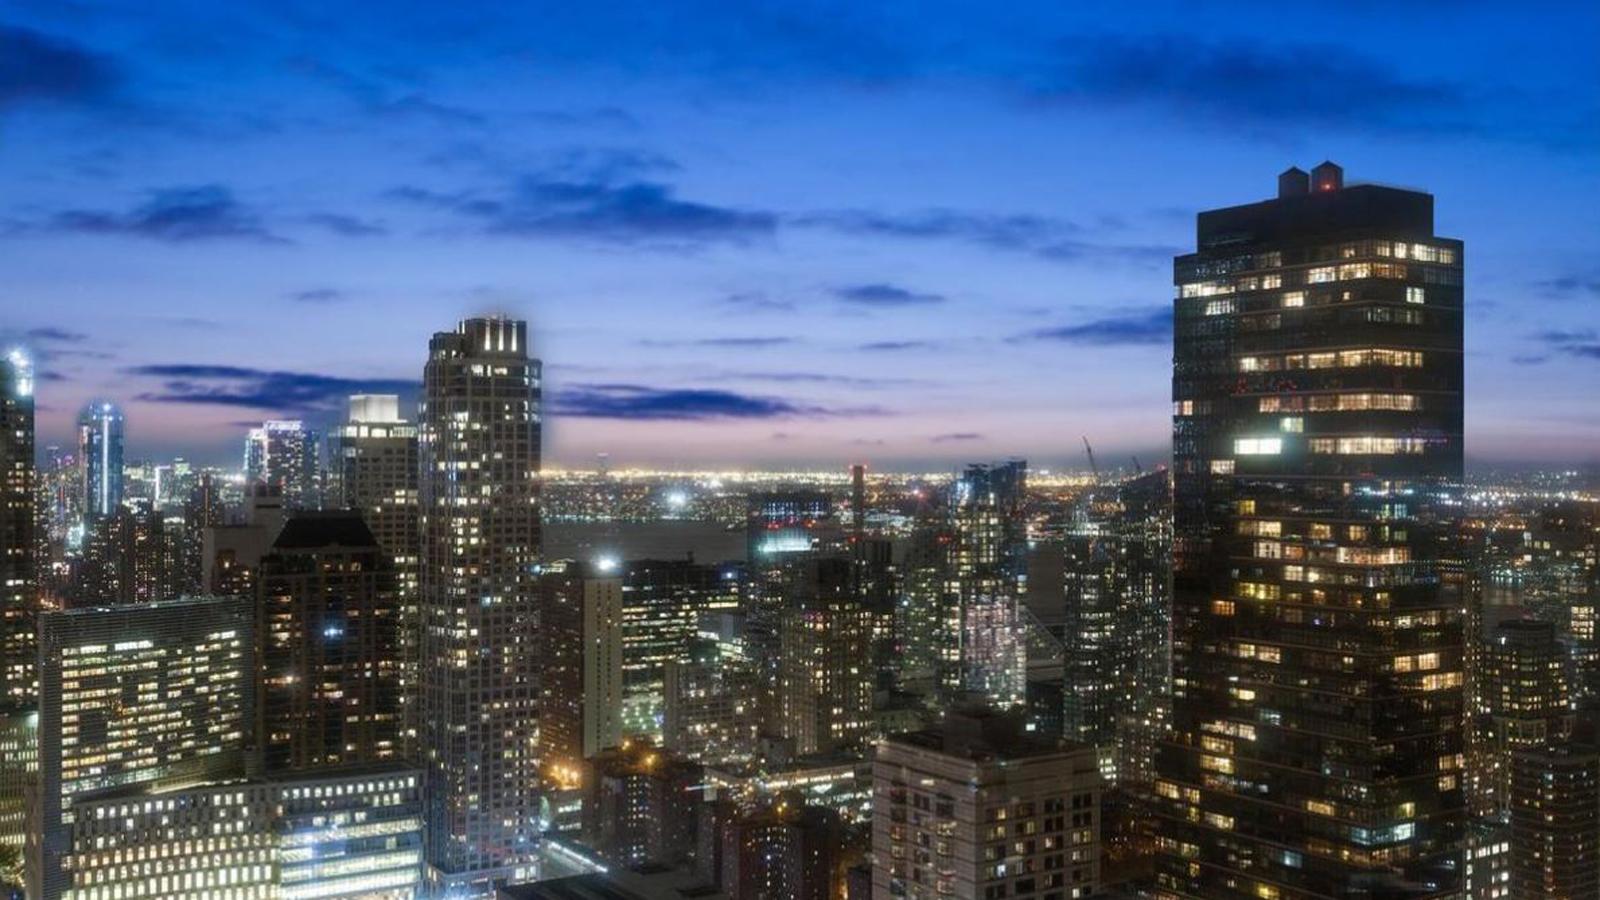 Millennium Tower, 101 West 67th Street